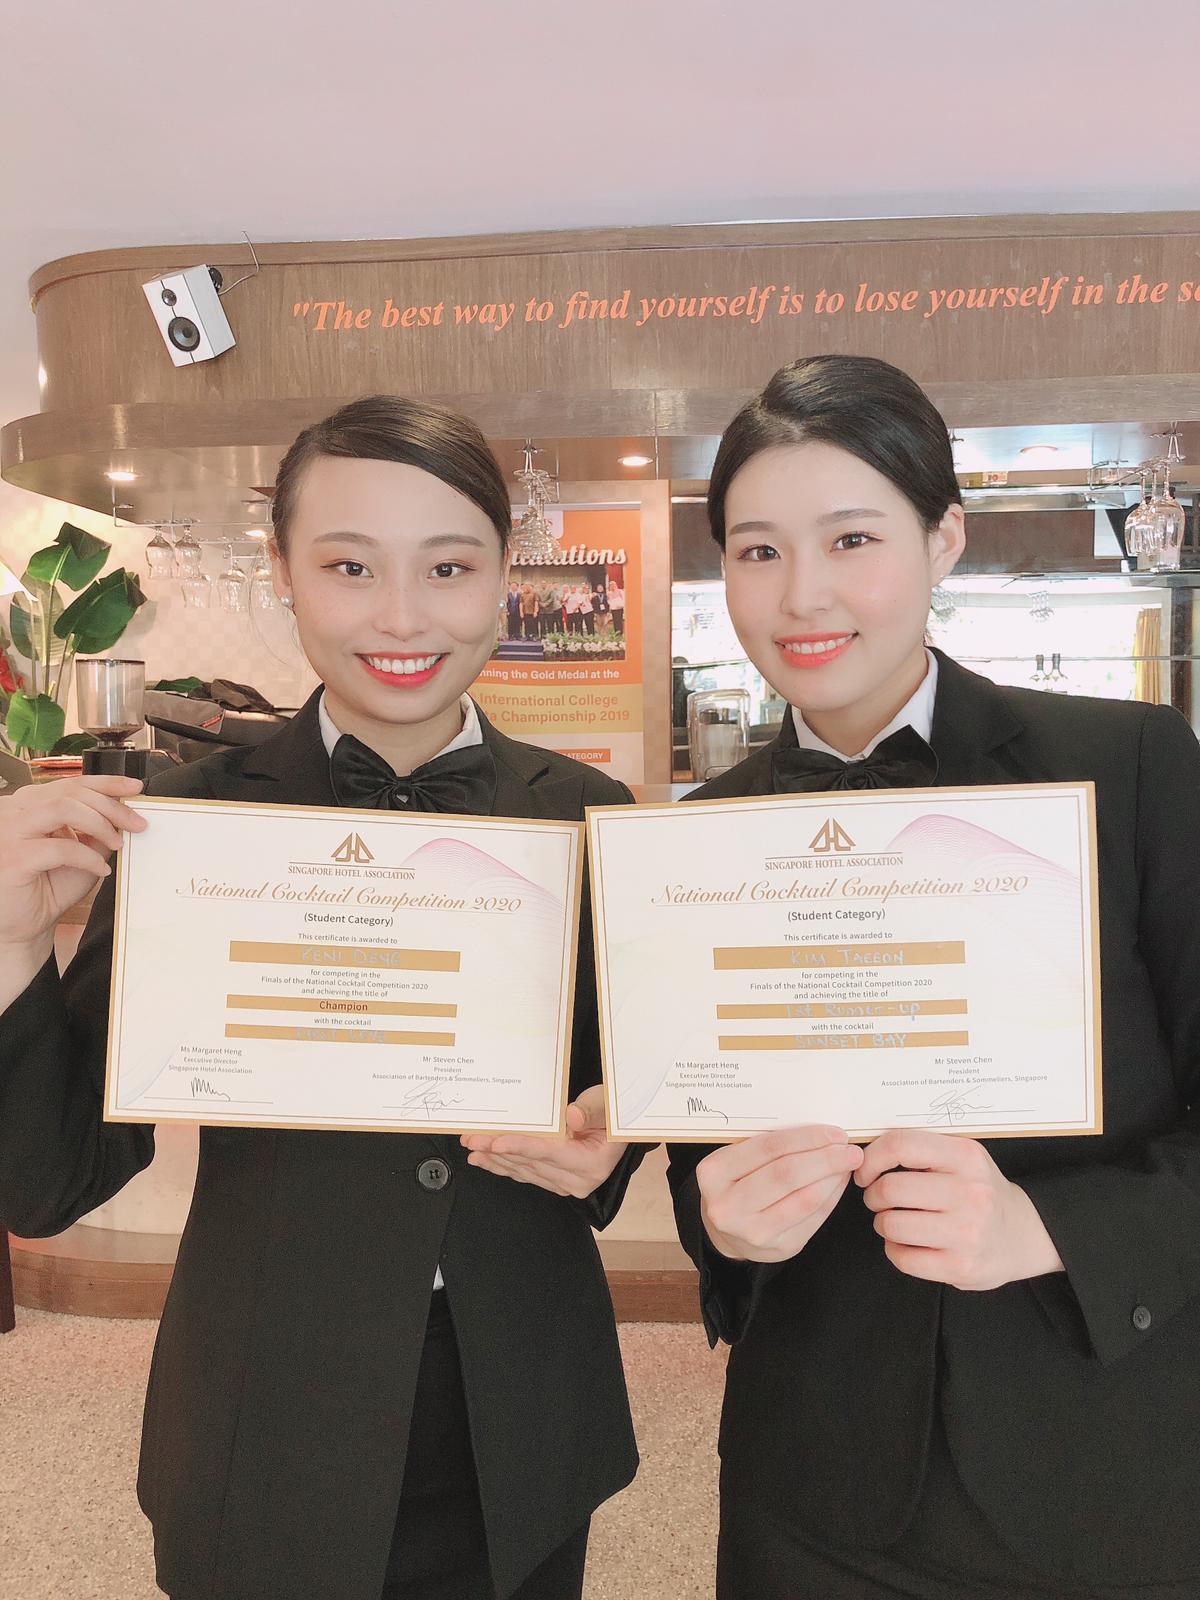 Sinh viên Viện Phát triển Quản lý Singapore (MDIS) đạt giải Nhất và Nhì Cuộc thi Pha chế Cocktail Singapore 2020 - Ảnh 4